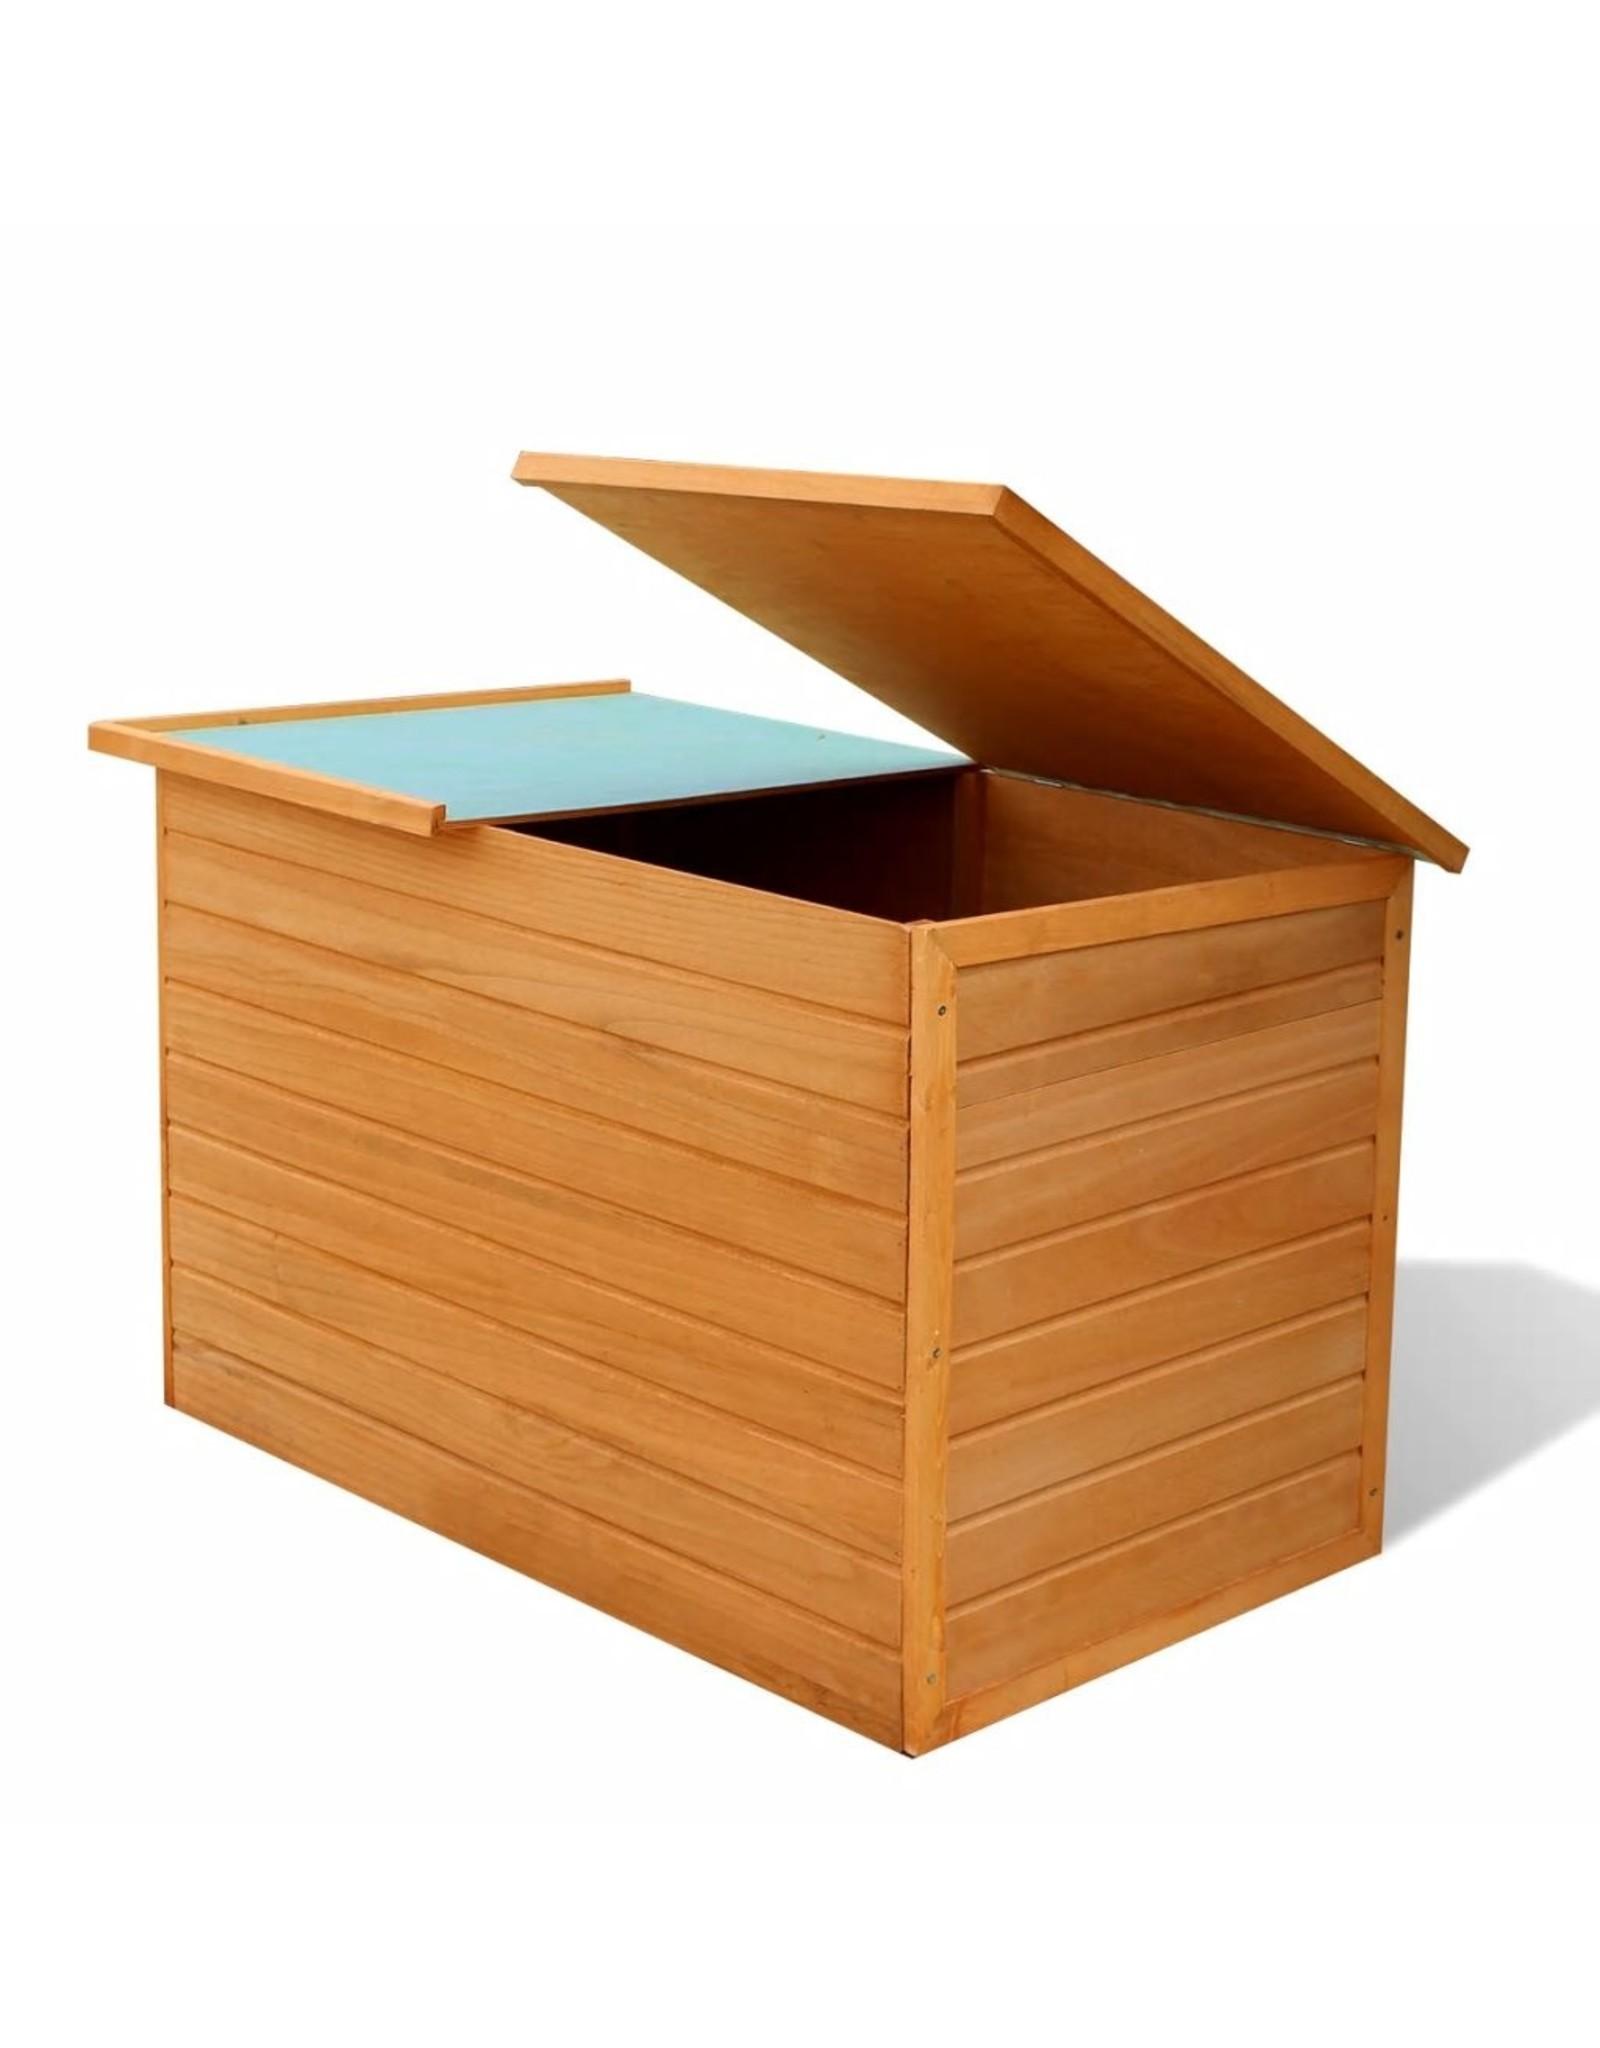 Tuinbox 126x72x72 cm hout